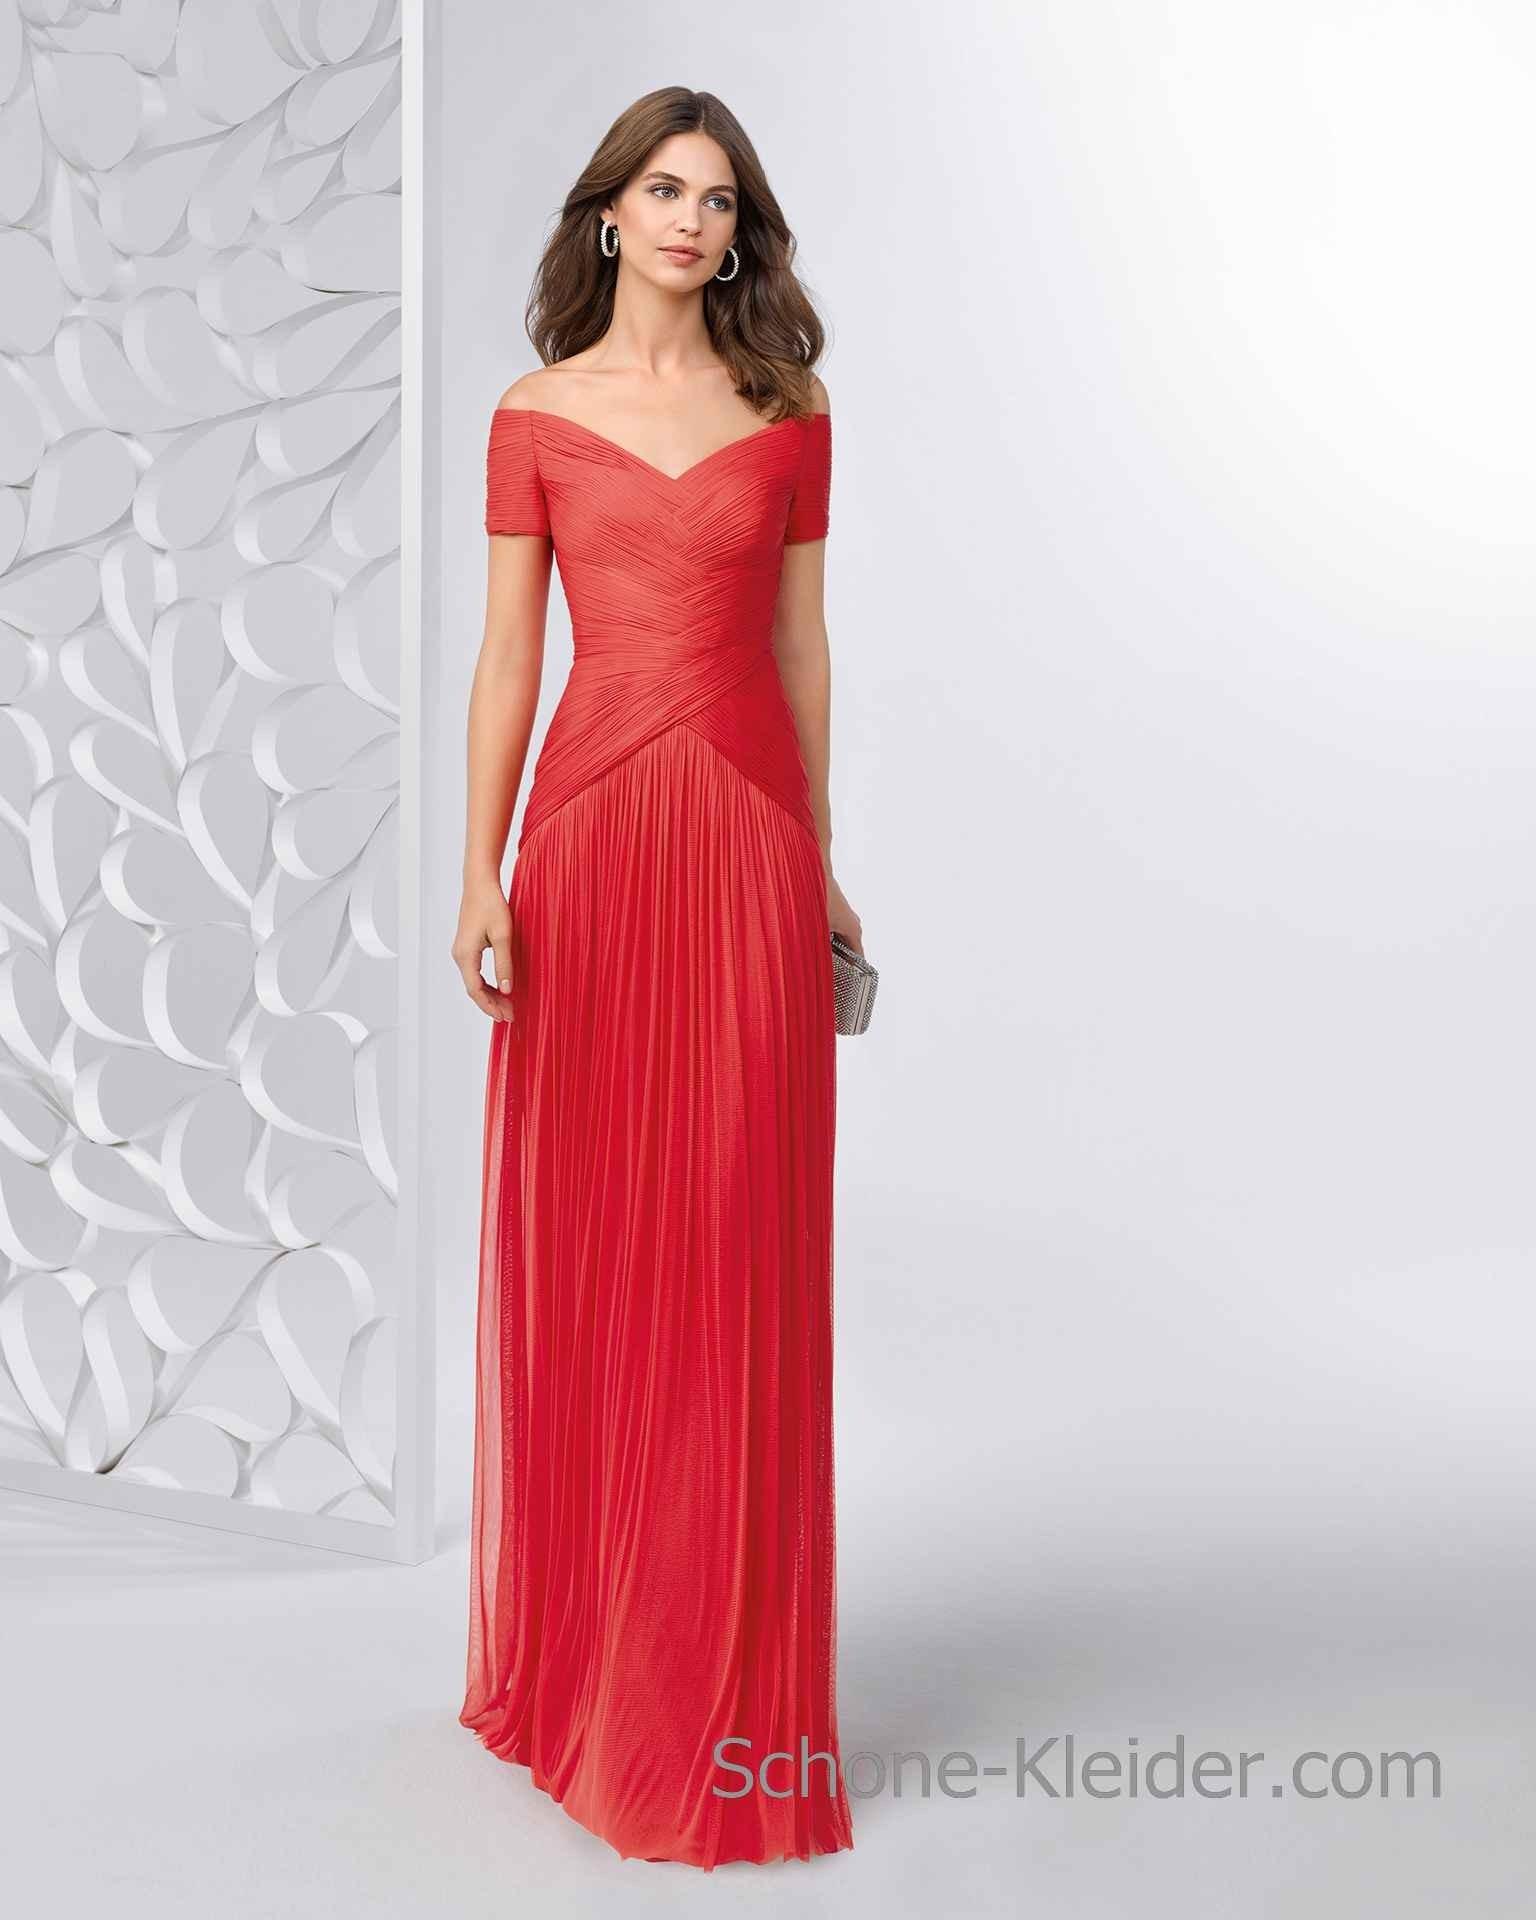 Abend Einfach Schöne Kleider Für Jeden Anlass Ärmel10 Einzigartig Schöne Kleider Für Jeden Anlass für 2019